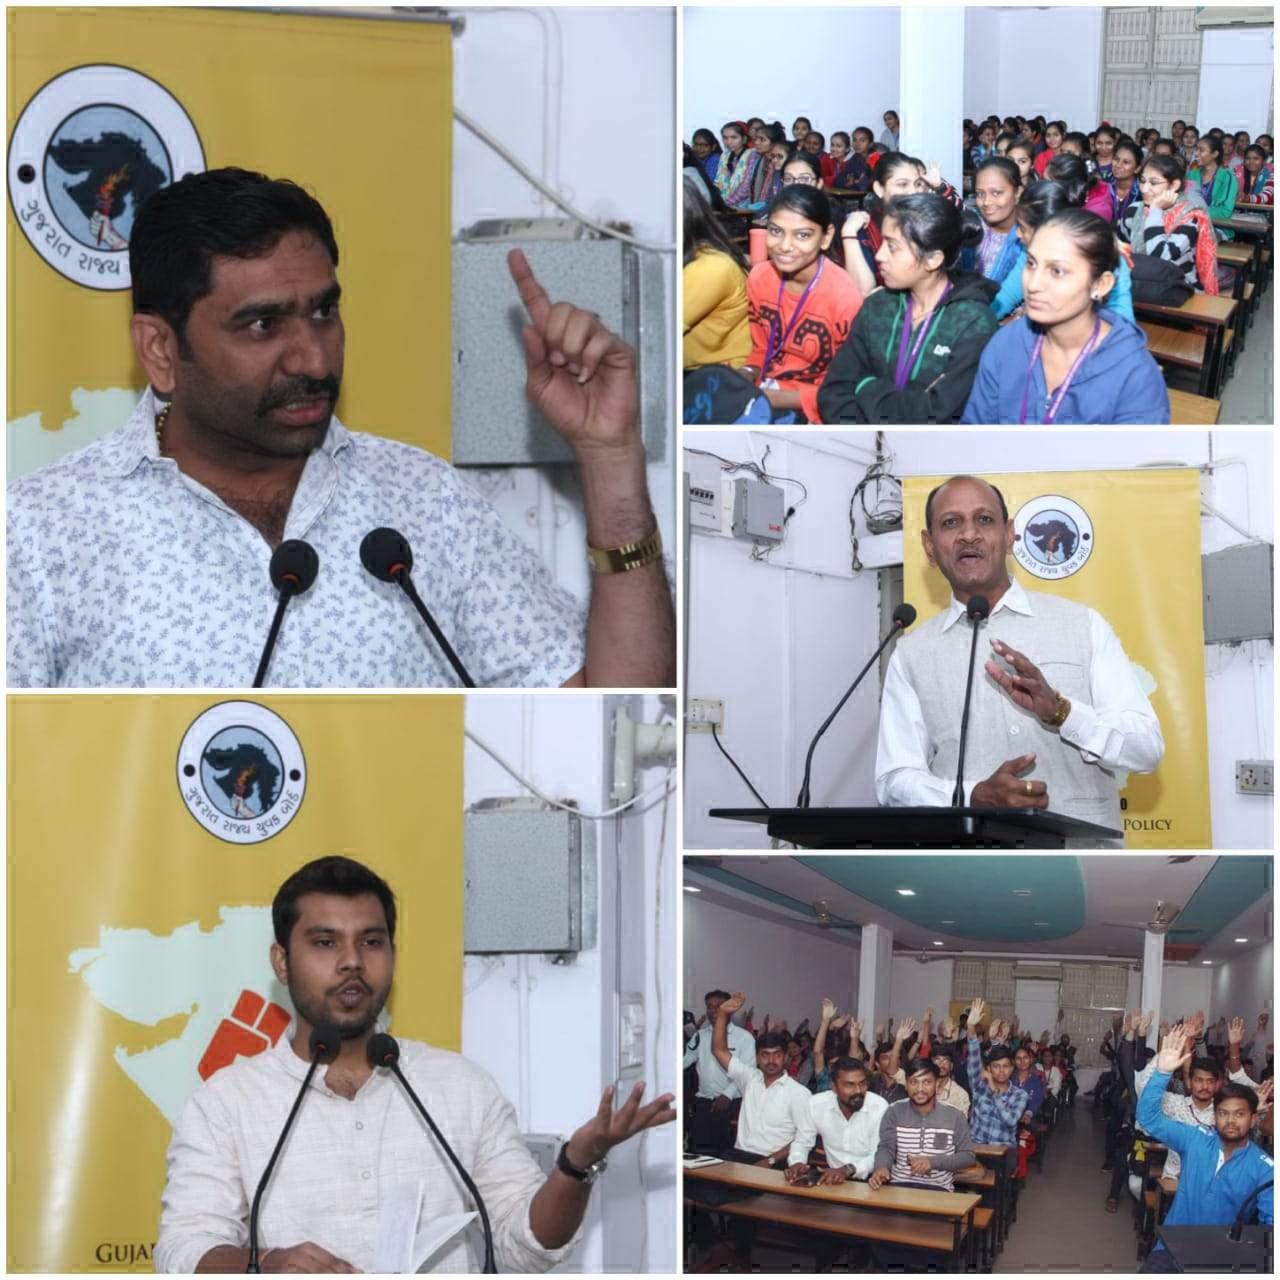 ગુજરાત રાજ્ય યુવક બોર્ડ- ગાંધીનગર અને મહેસાણા જિલ્લાના સંયુક્ત ઉપક્રમે યુવાનિતી અંગે યુવક- યુવતીઓનો વર્કશોપ યોજાયો